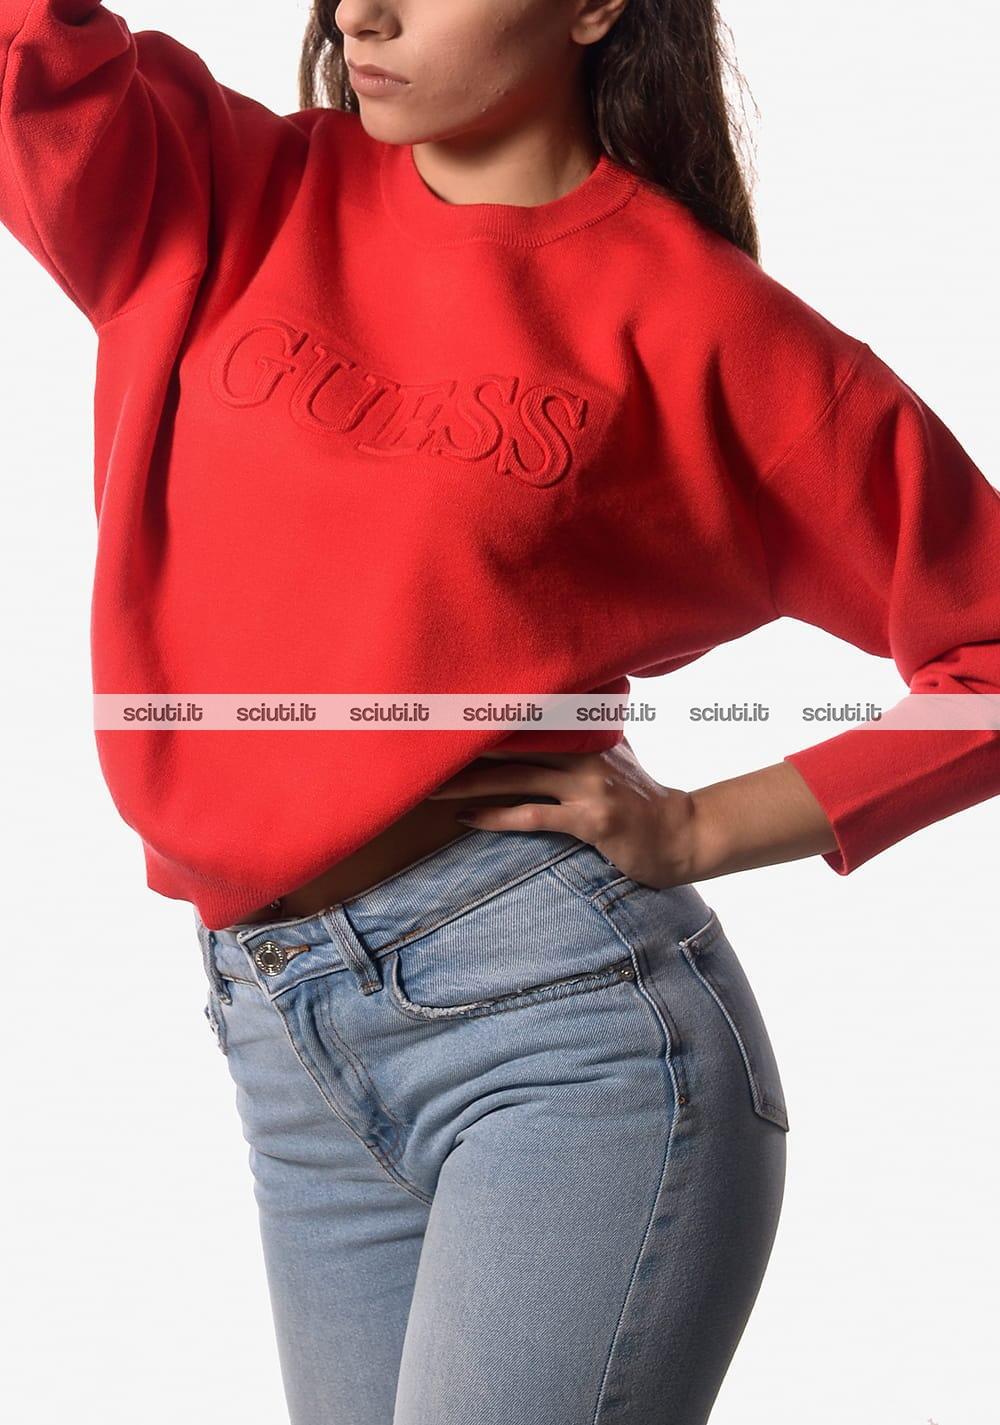 Maglia crop Guess donna logo in rilievo rosso   Sciuti.it